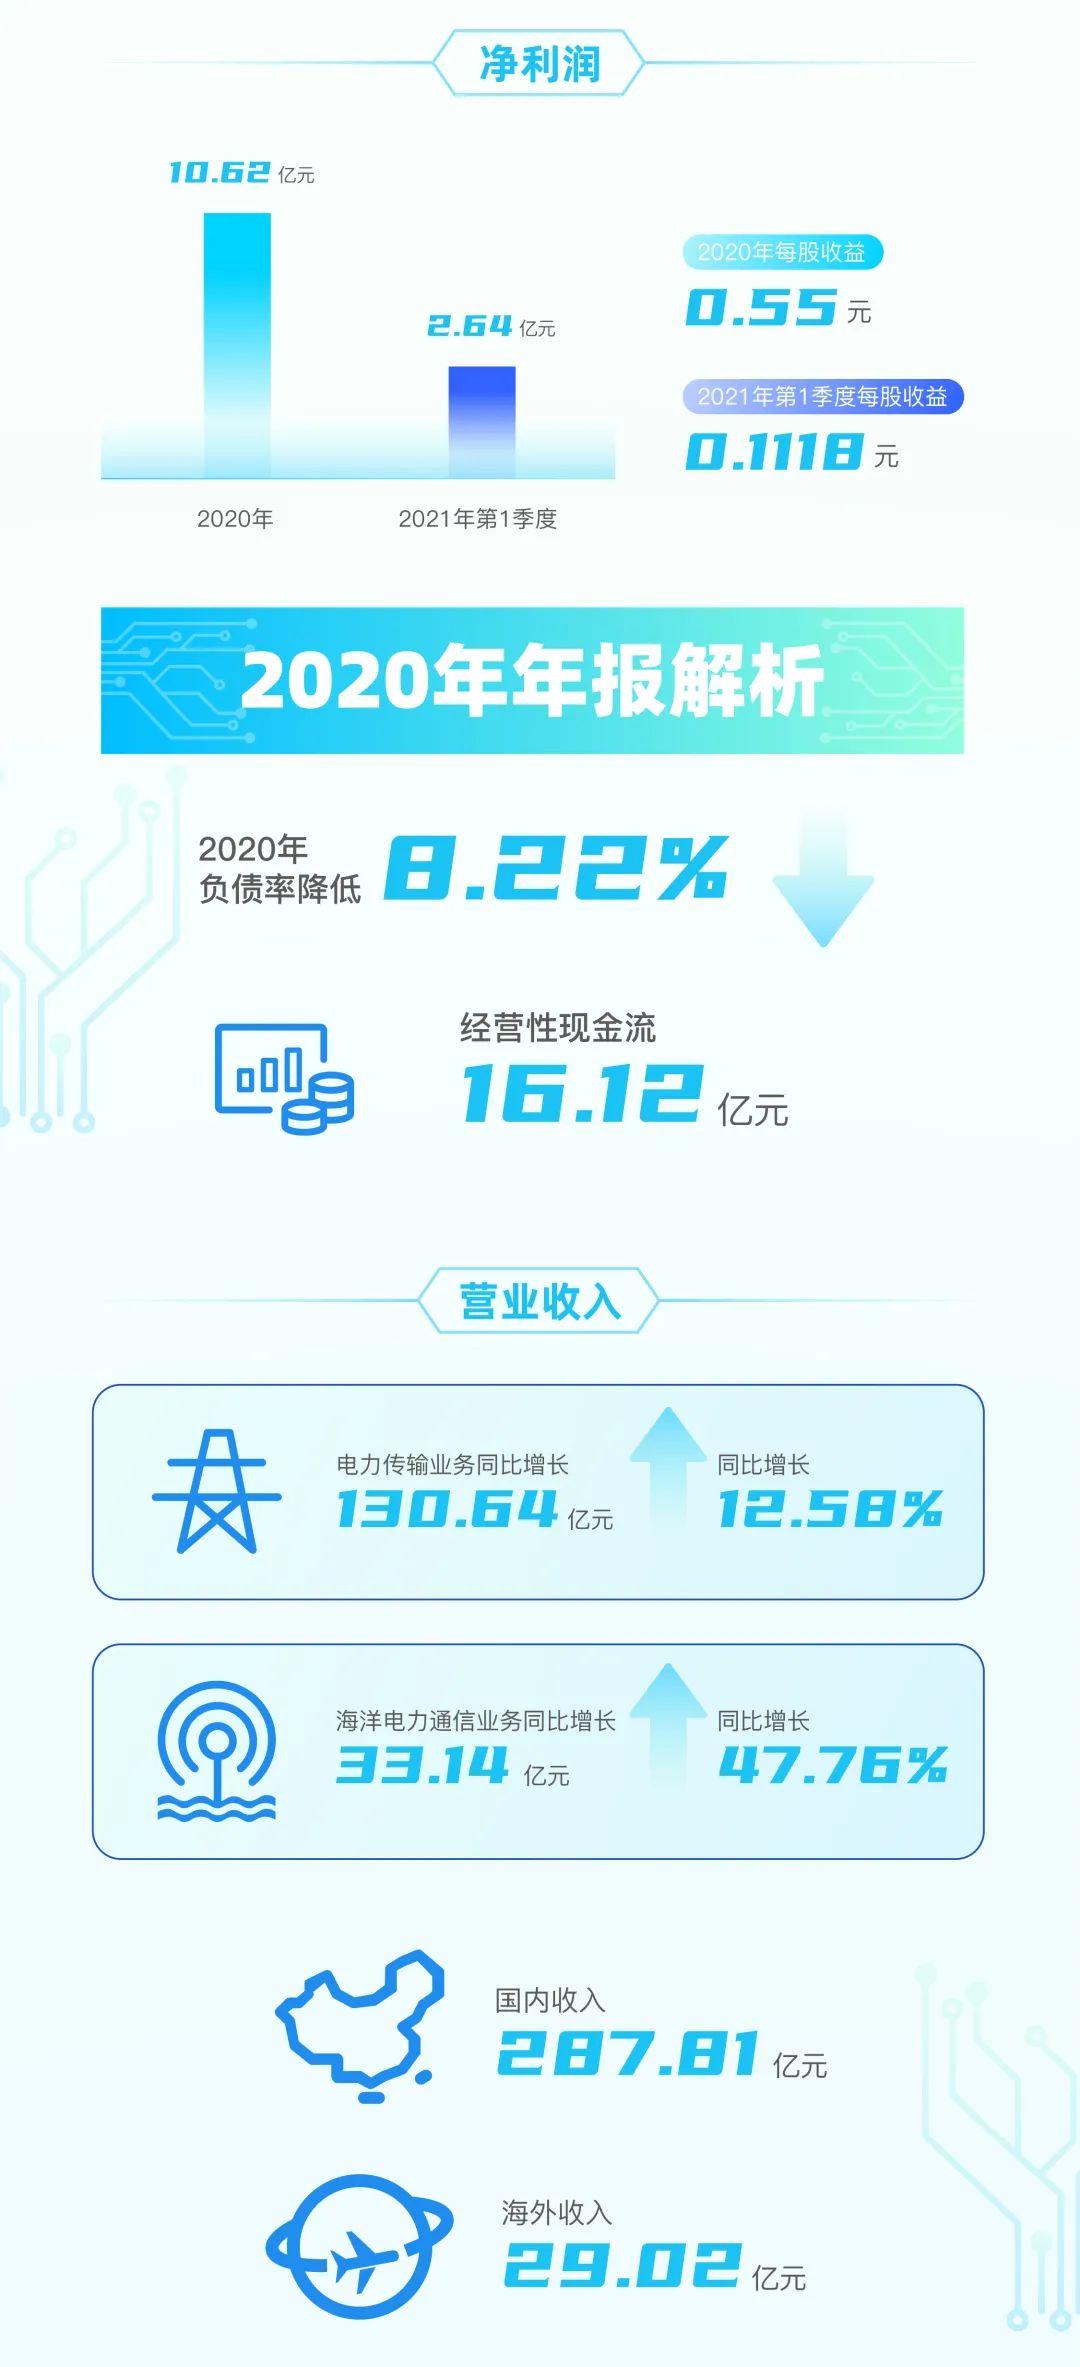 营收、利润双增长!亨通光电2020年报&2021一季度财报出炉!